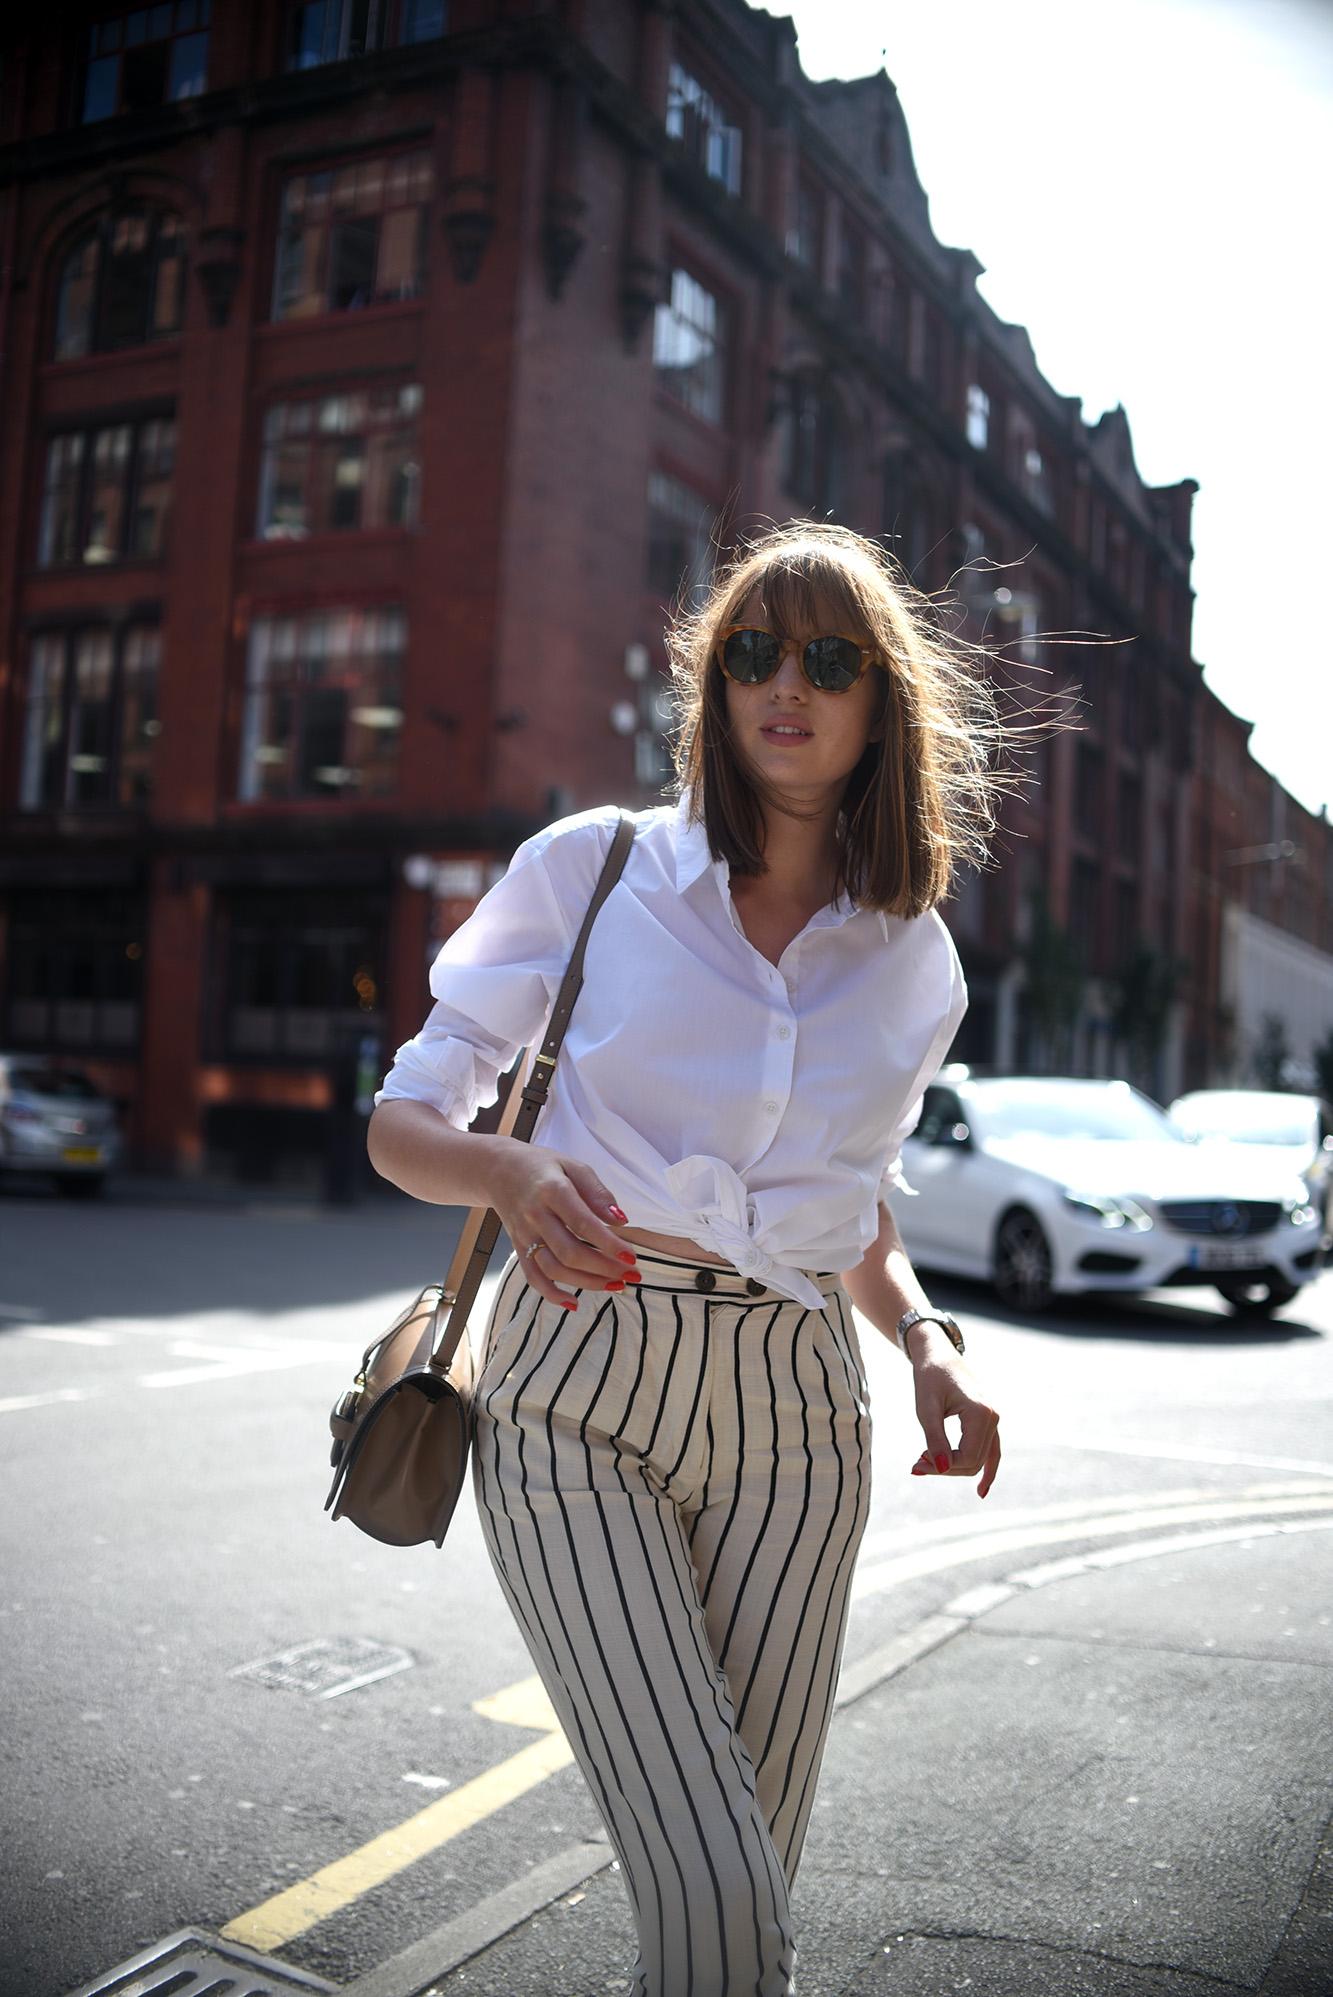 ShotFromTheStreet_StripedTrousers-21.jpg